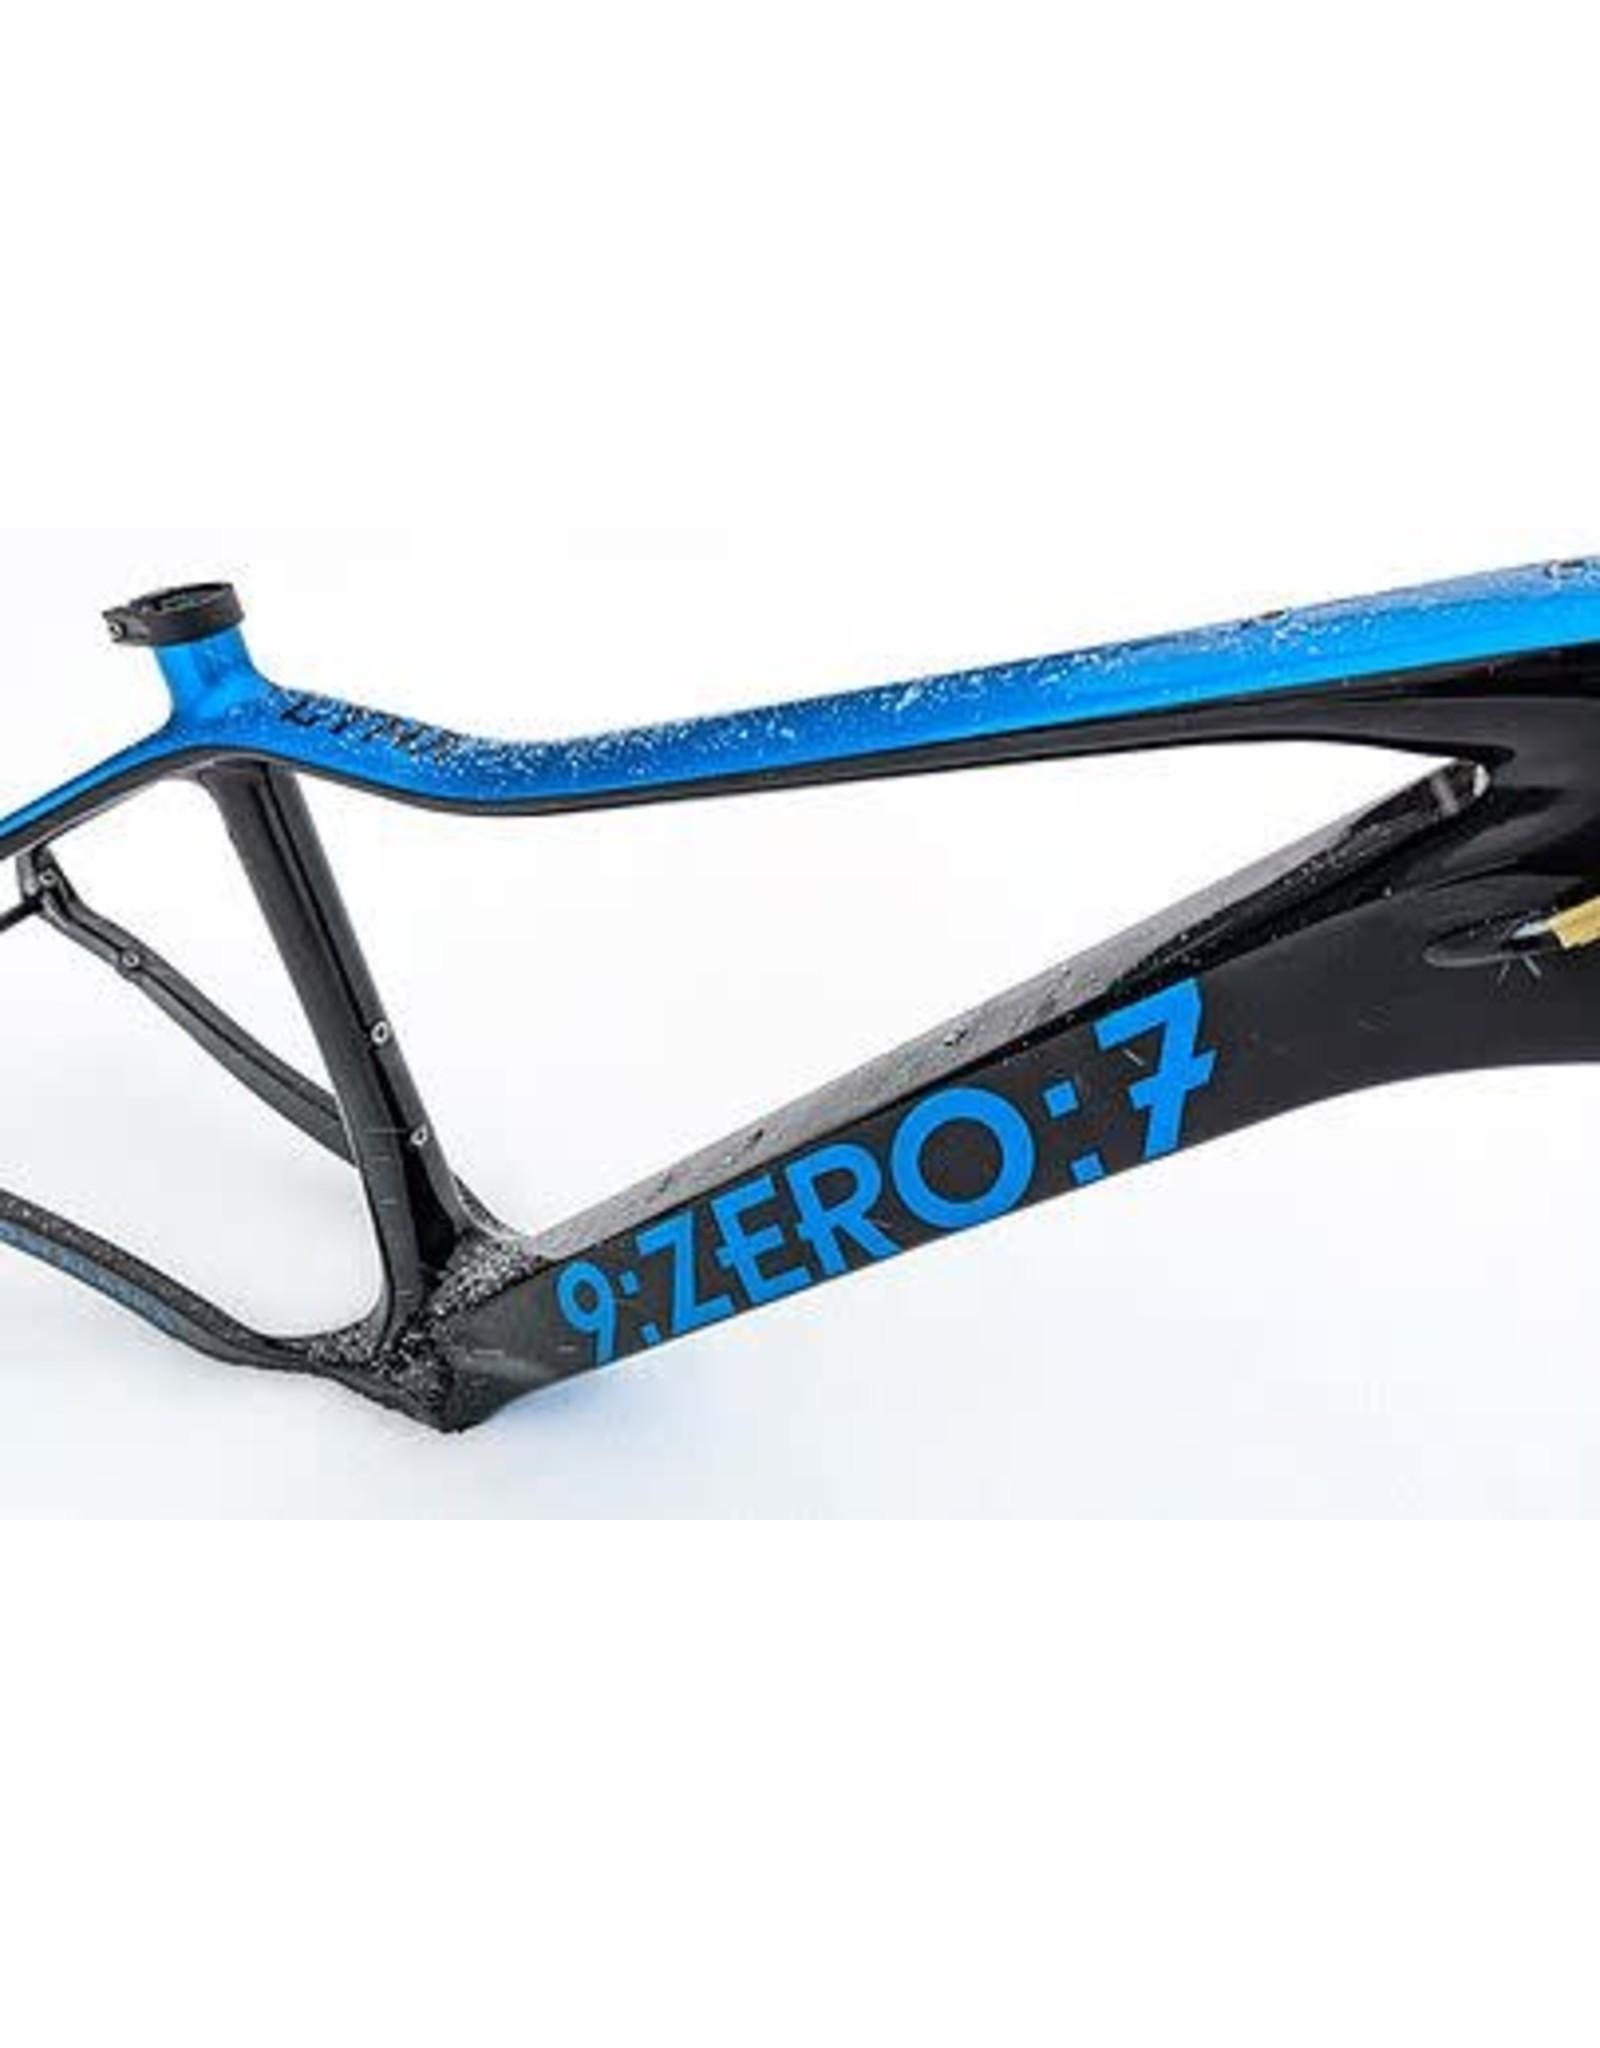 9zero7 2021 frameset 9zero7 Lynx